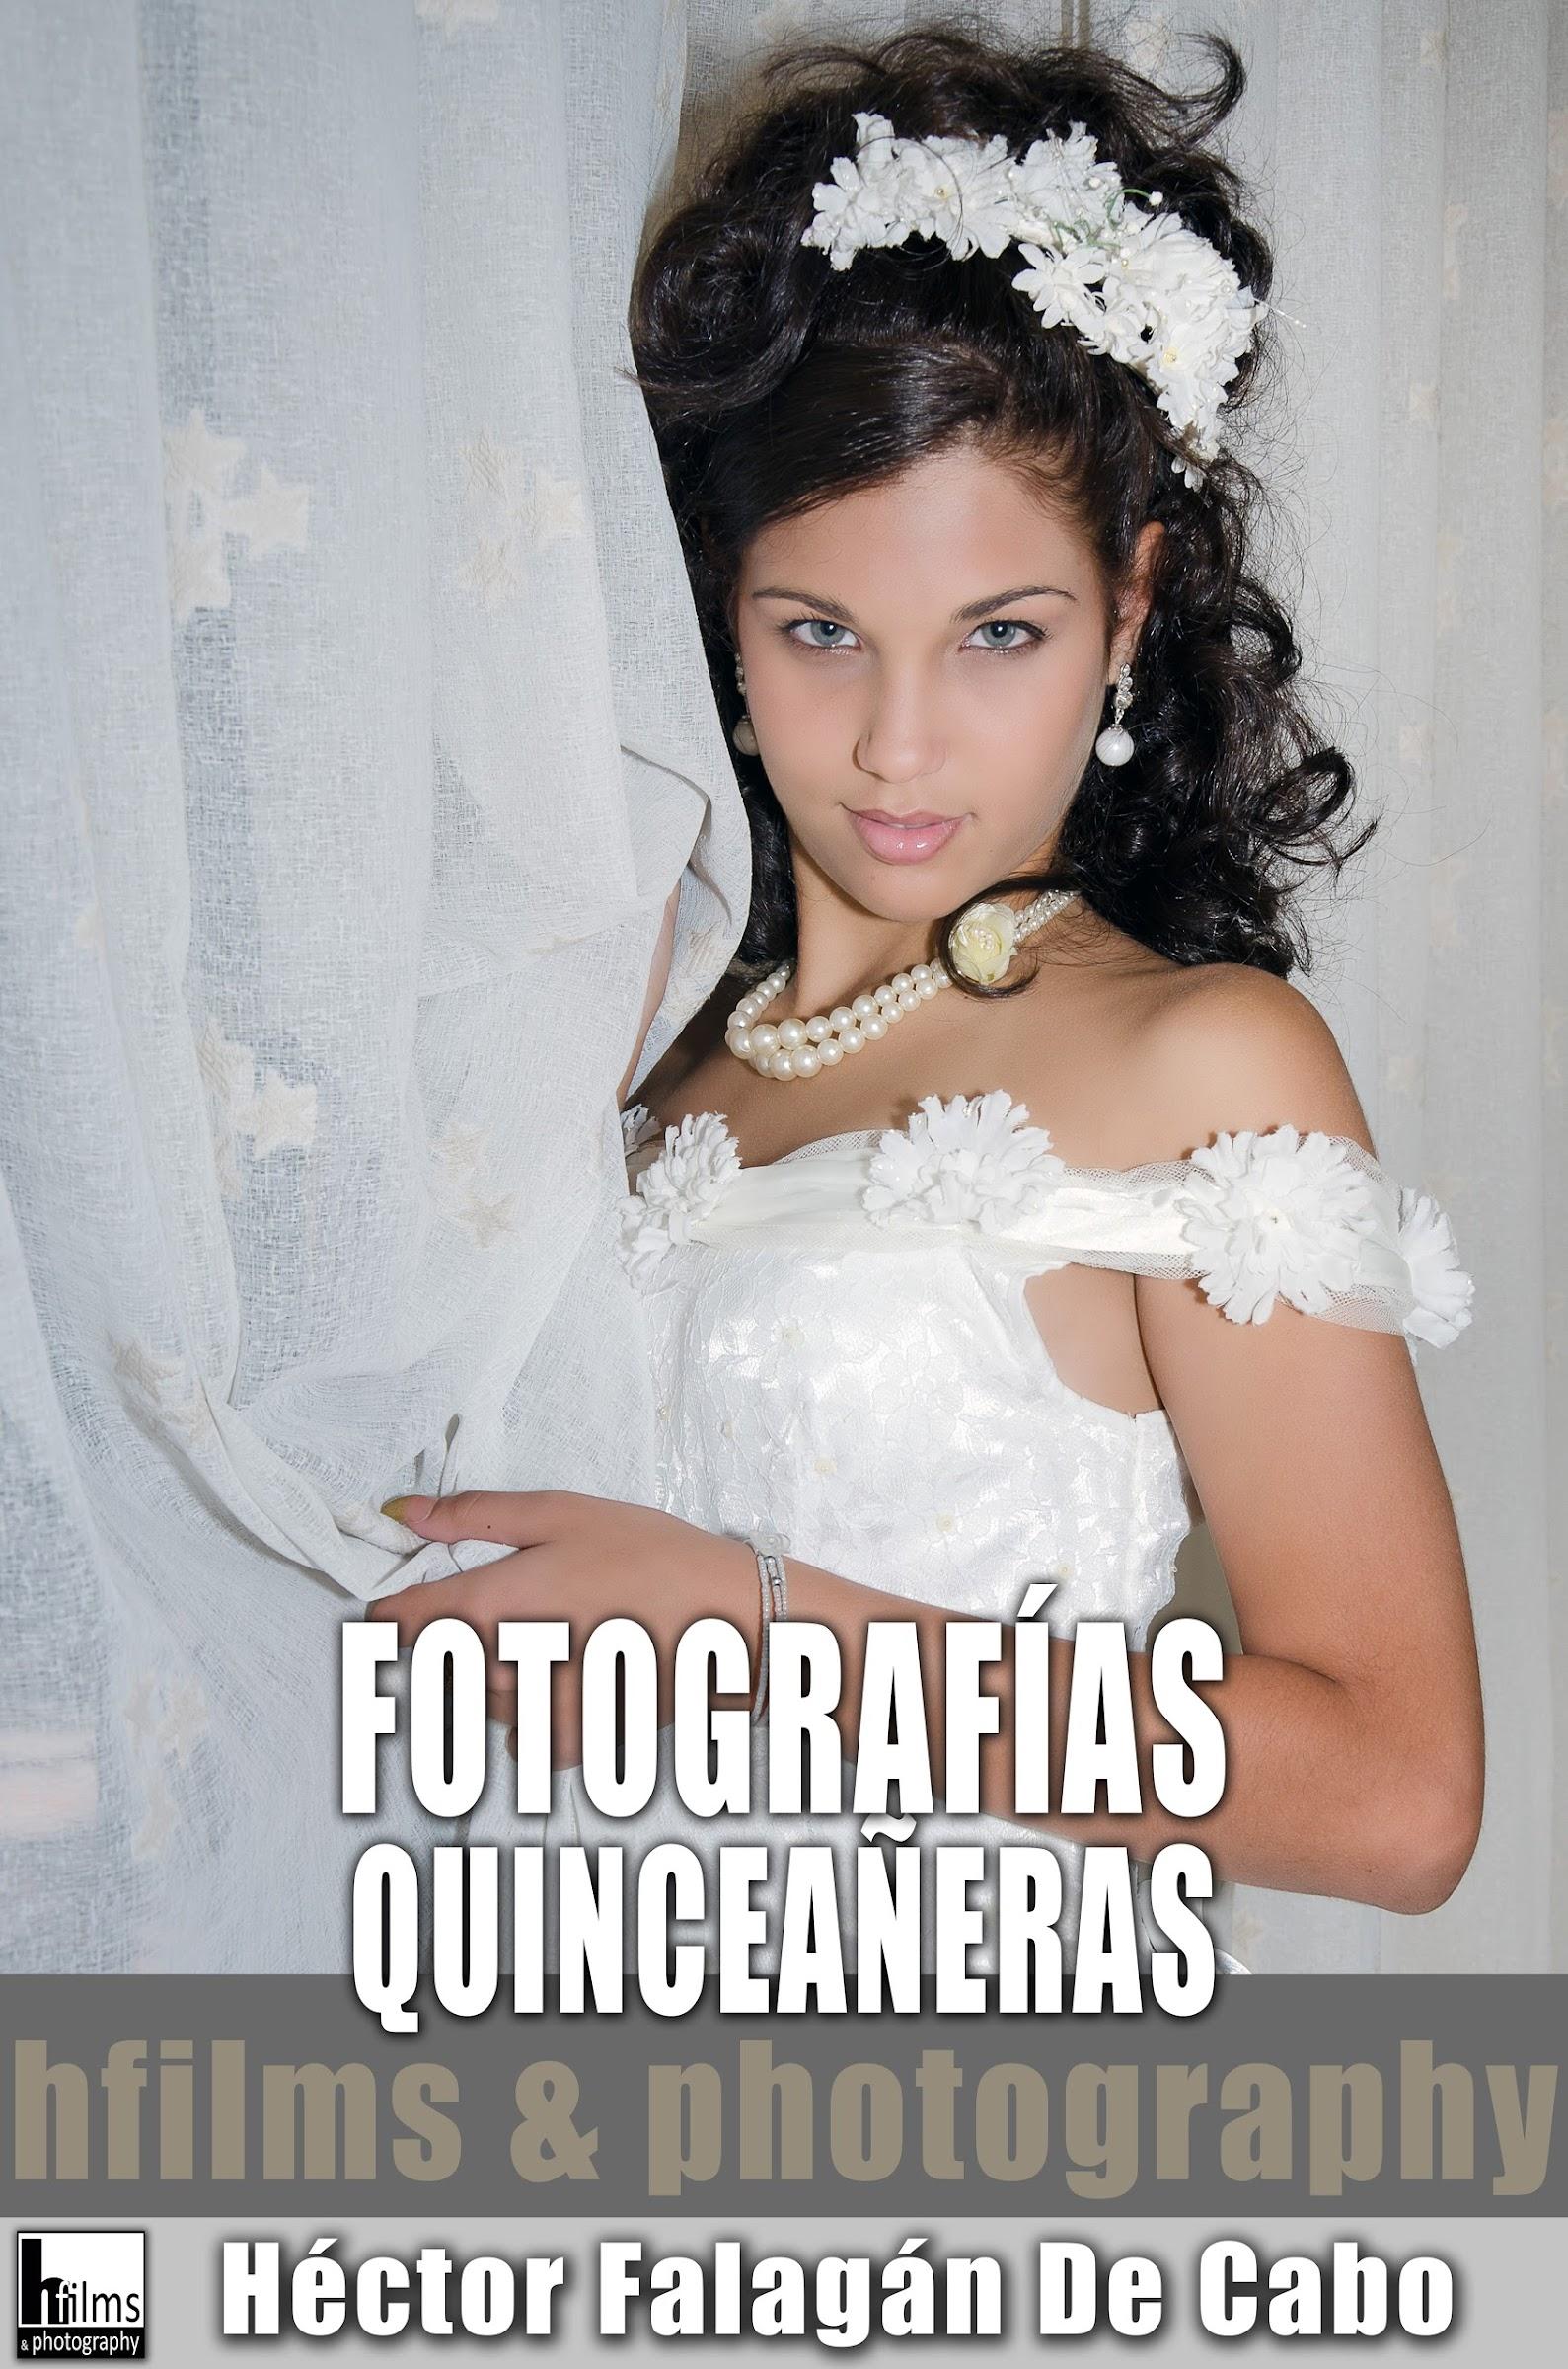 Héctor Falagán De Cabo | hfilms & photography. Fotografías de Quinceañeras.